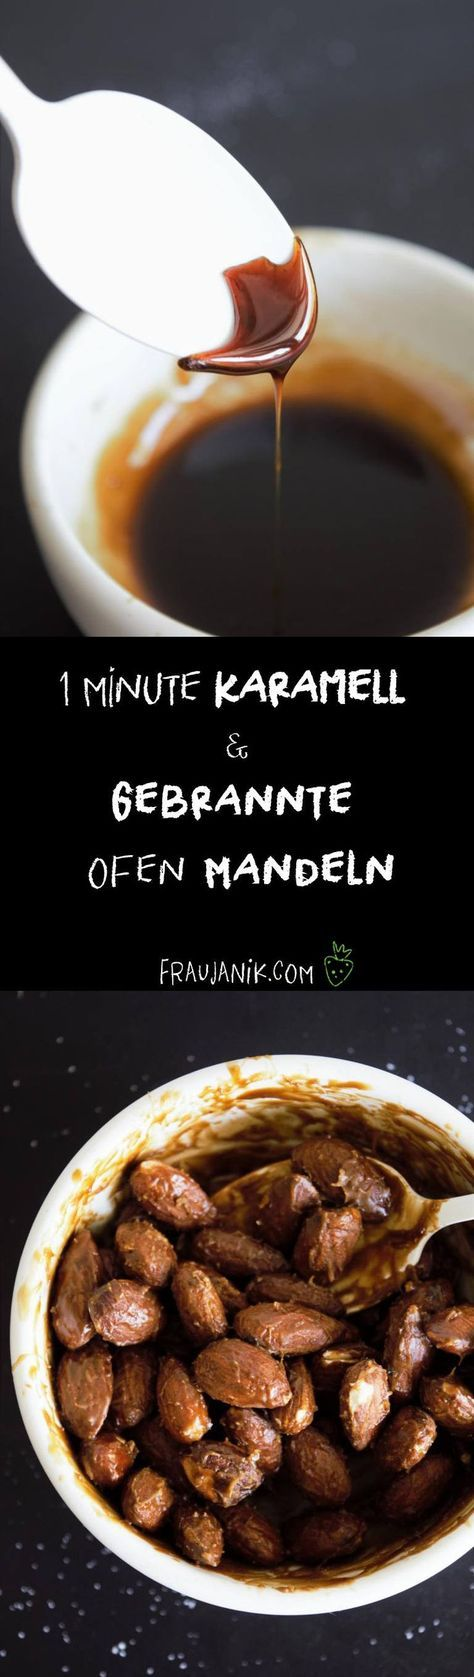 Gebrannte Mandeln aus dem Ofen- mit Kokosblütenzuckerkaramell, weniger süß & gesünder... #gebranntemandeln #mandeln #weihnachten #karamell #kokosblütenzucker #oktoberfest #gesund